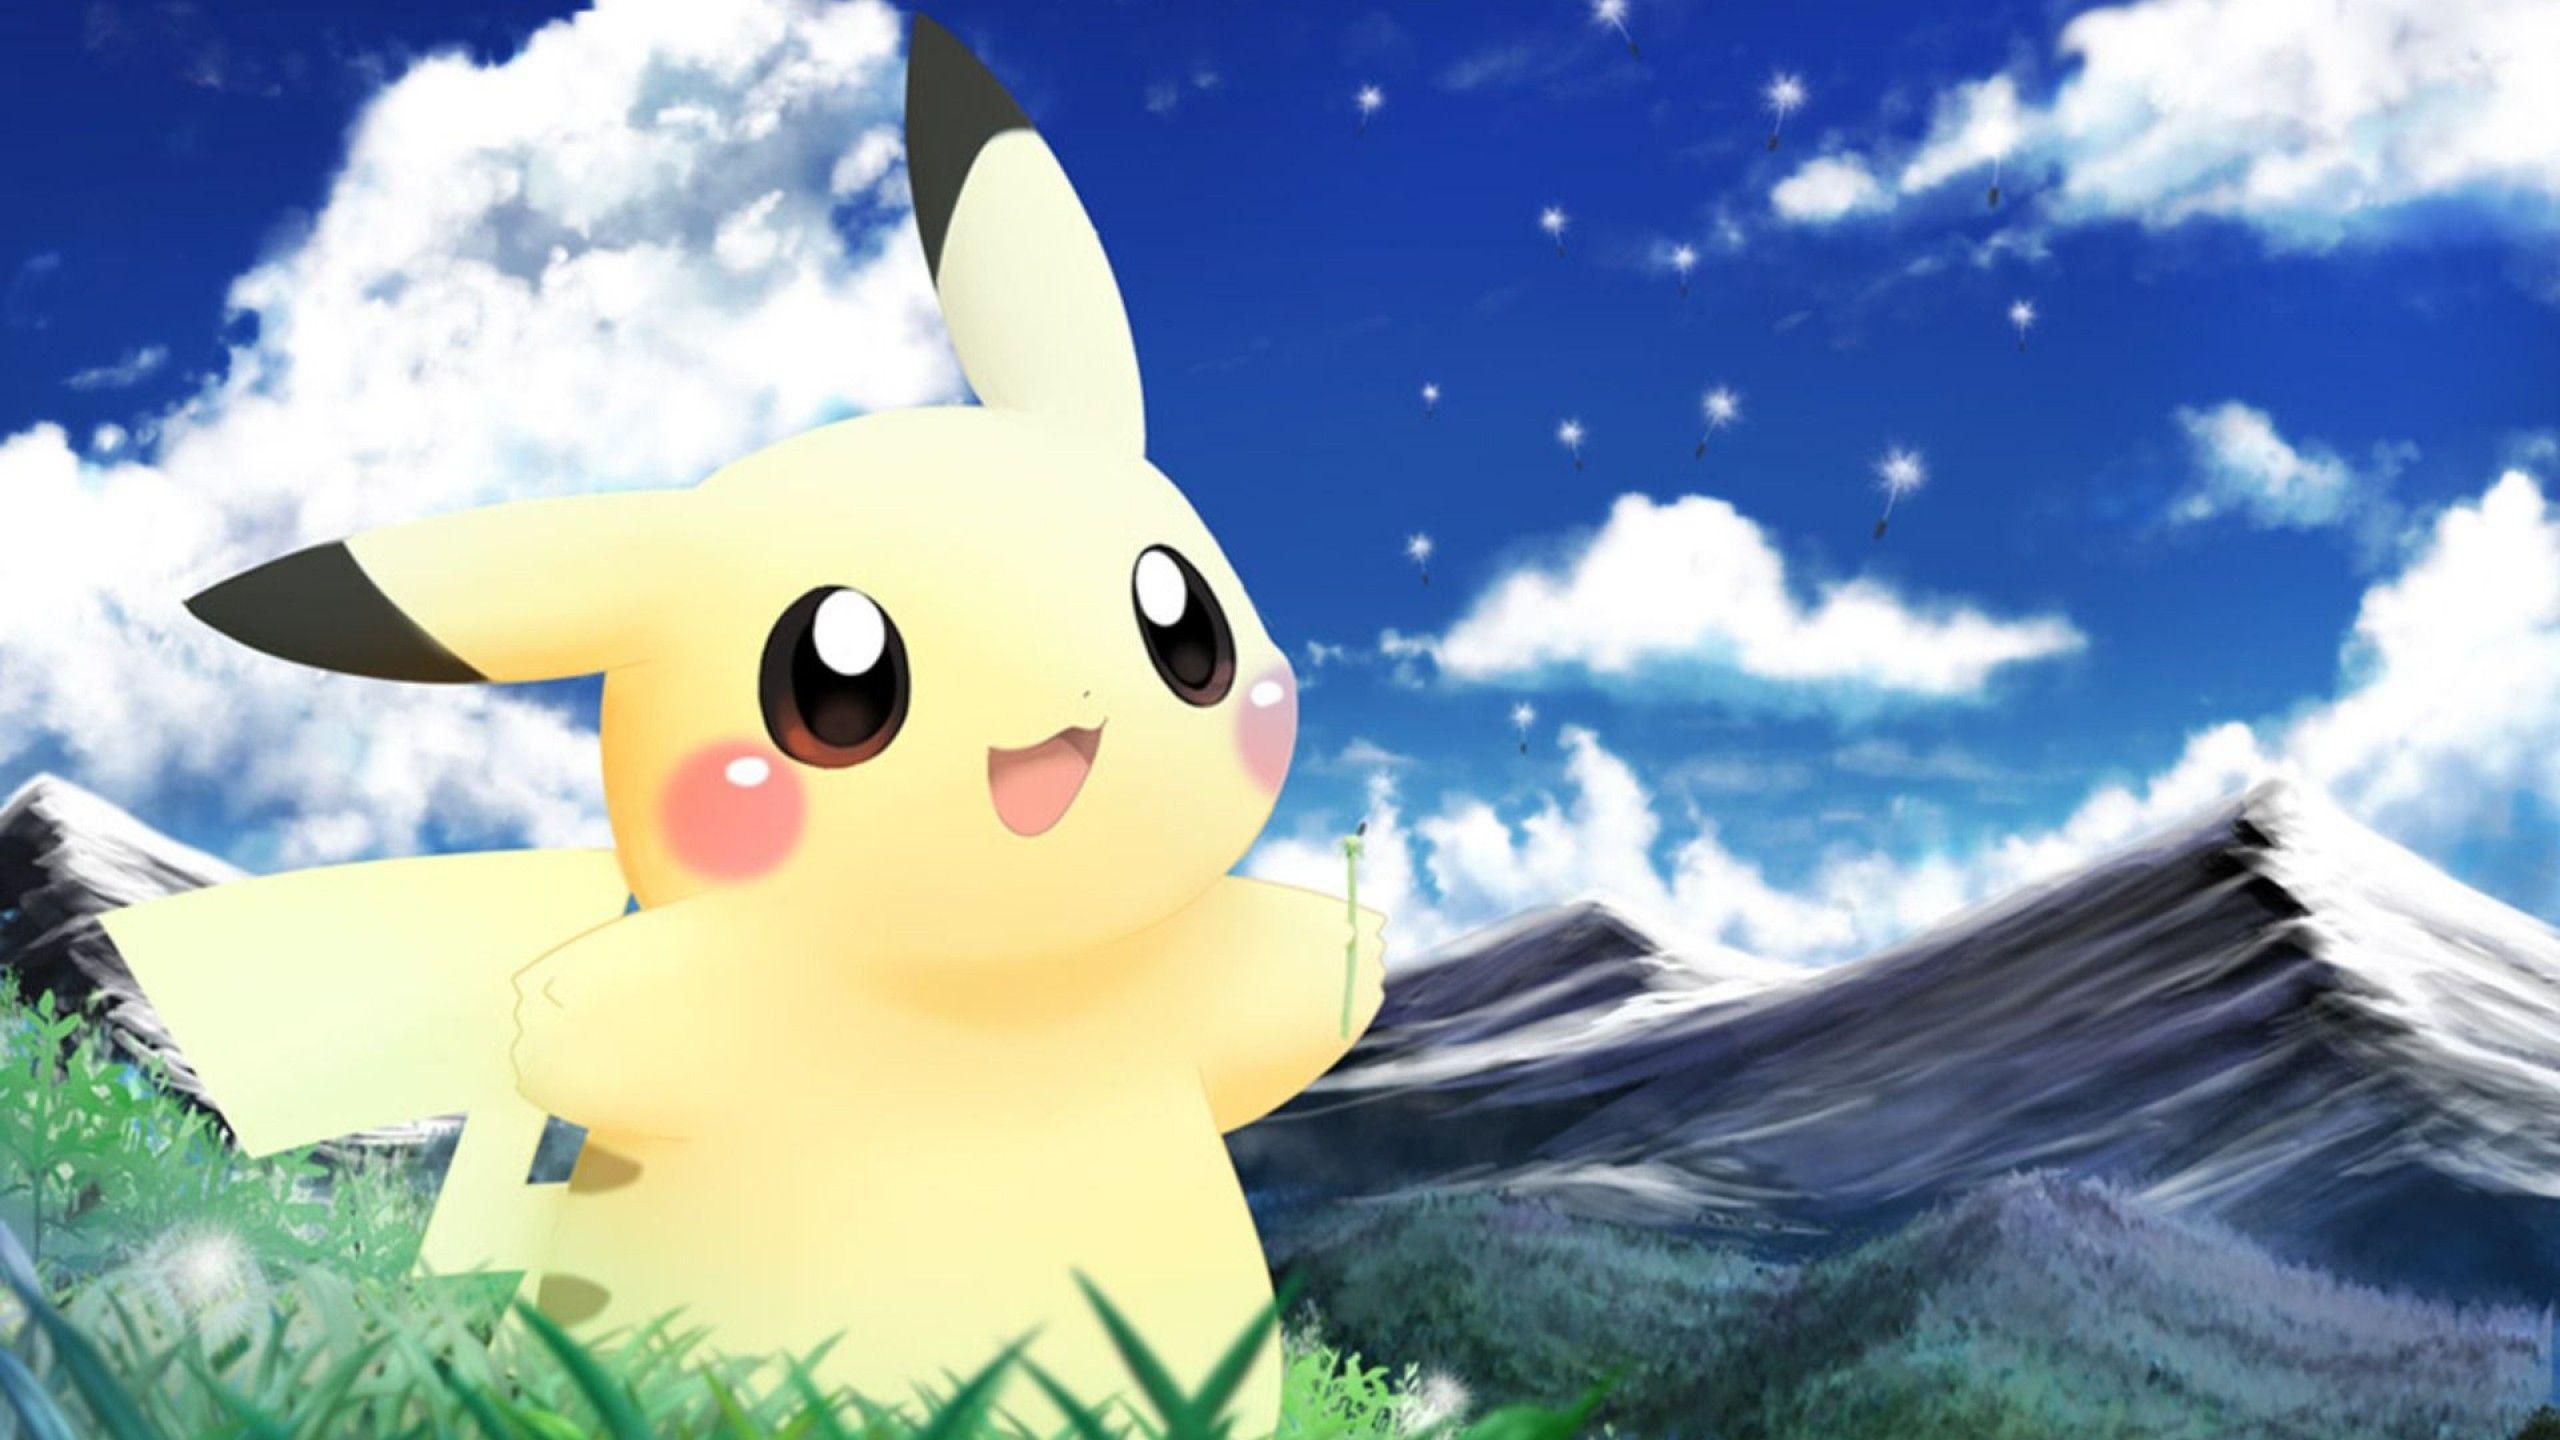 Wallpapers Pokemon Nature Pikachu Anime Movie Free .